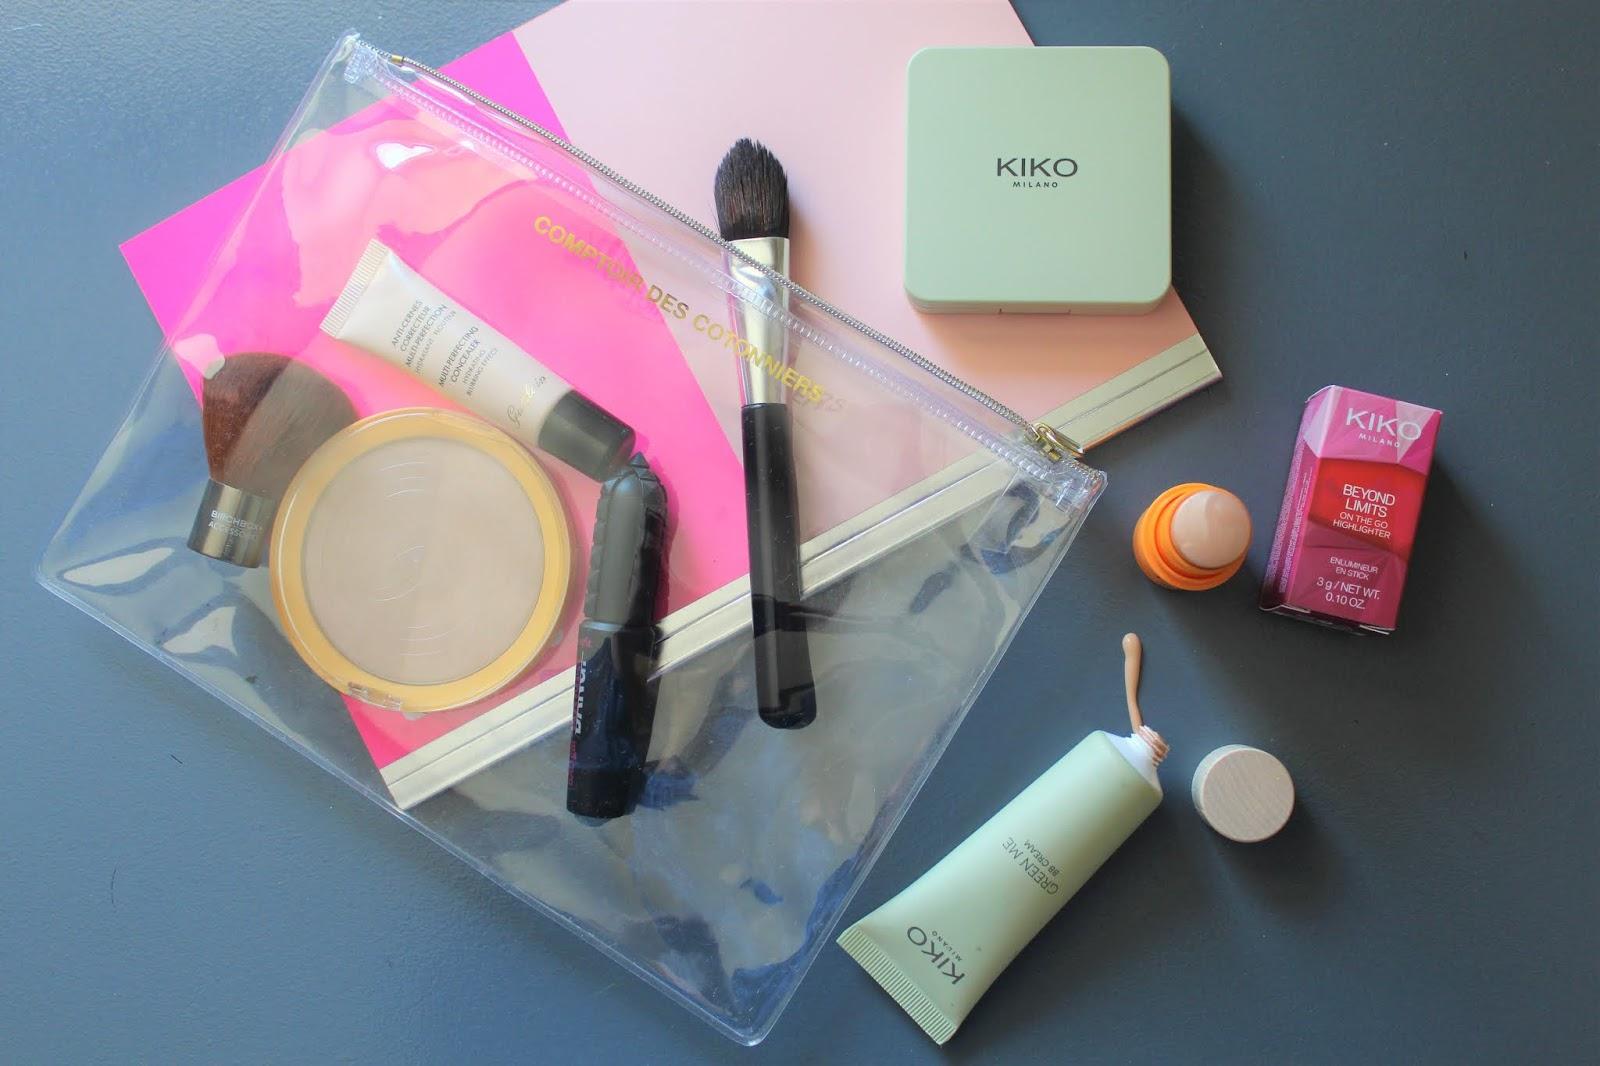 Calendrier De Lavent Kiko 2019.Une Fille Pas Parisienne Tuto Makeup Pour L Ete En 3 Etapes